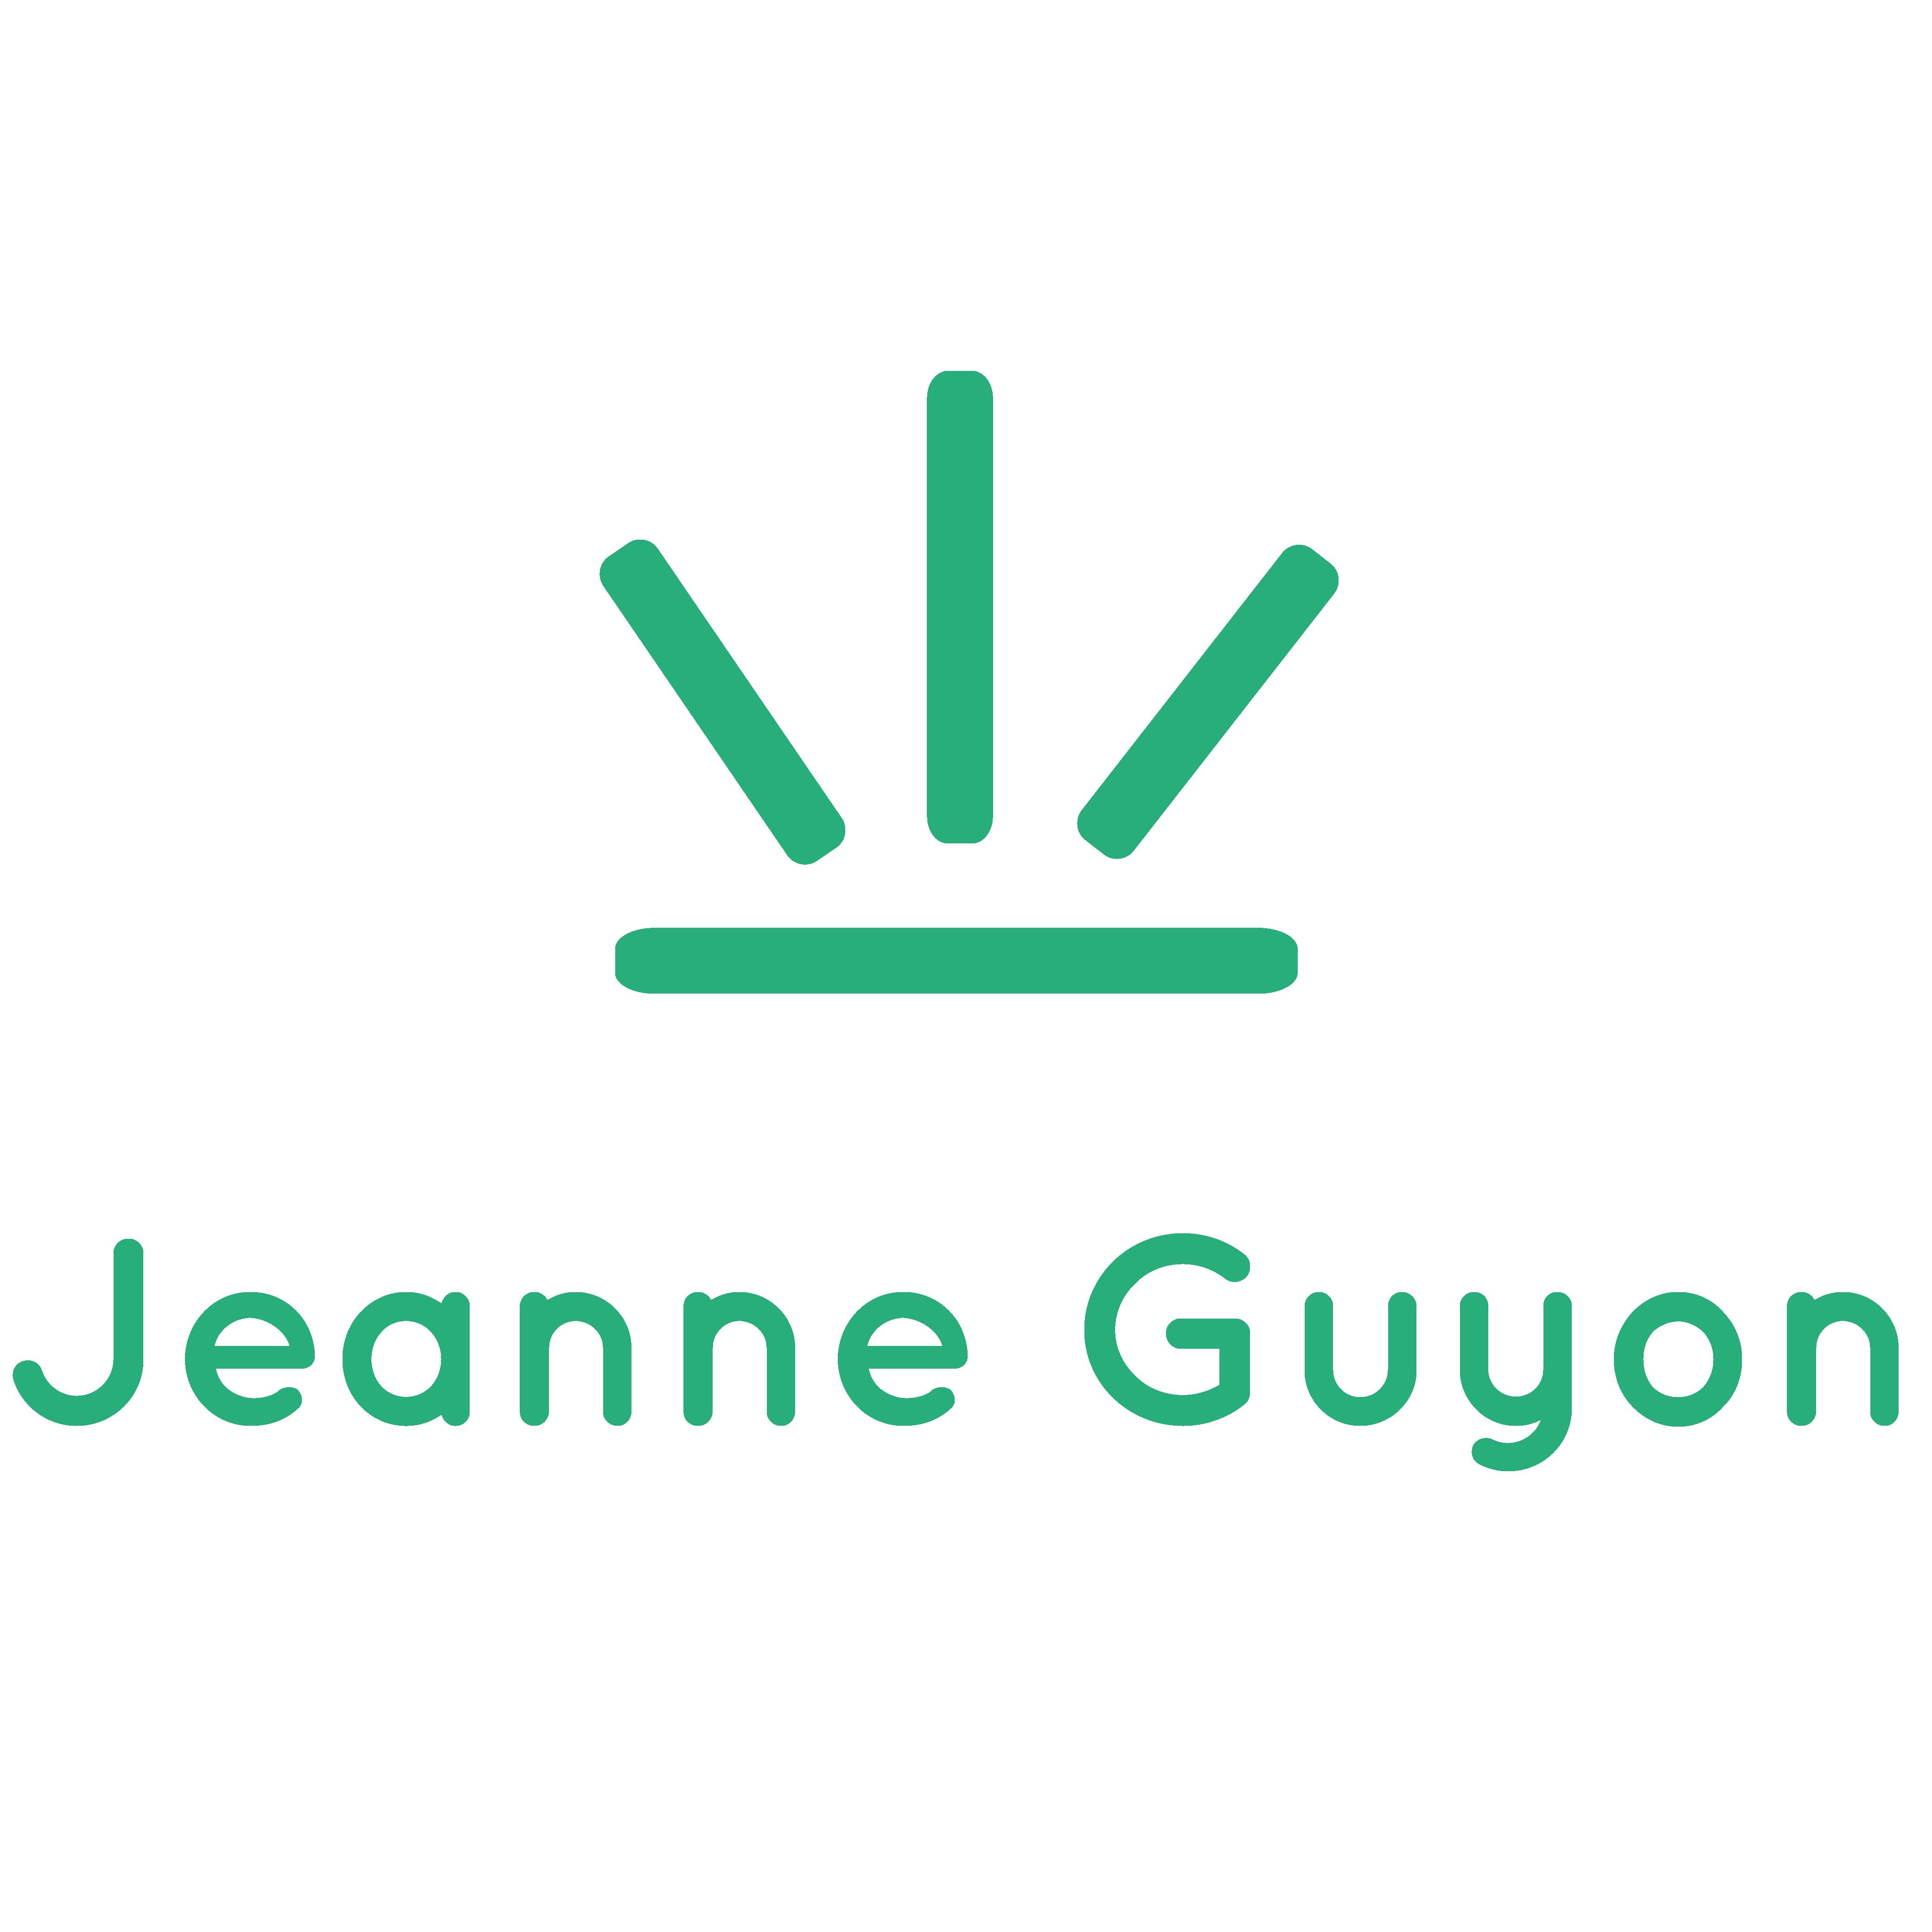 Jeanne Guyon